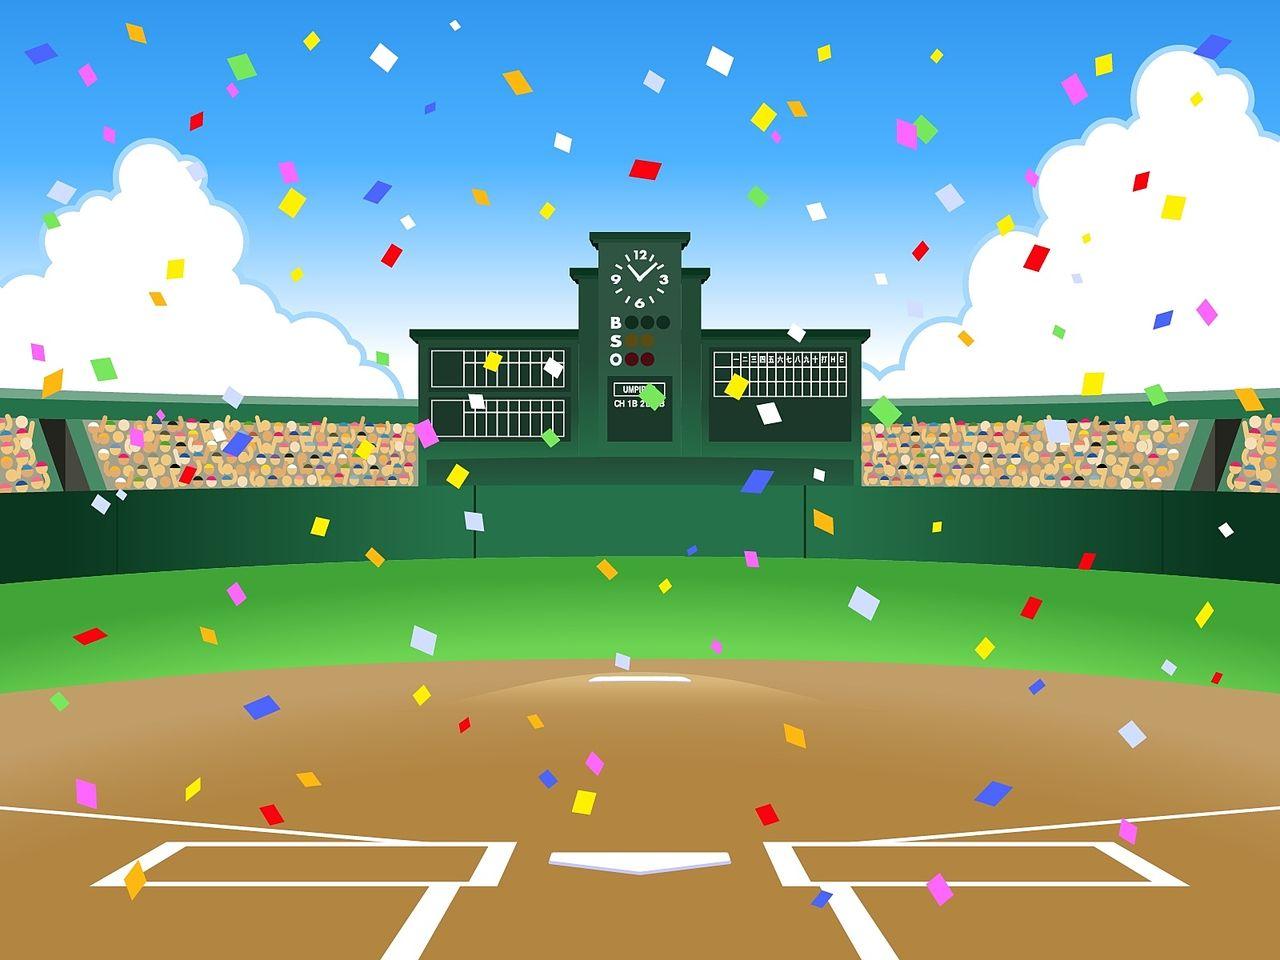 夏の全国高校野球神奈川大会がいよいよ開幕!